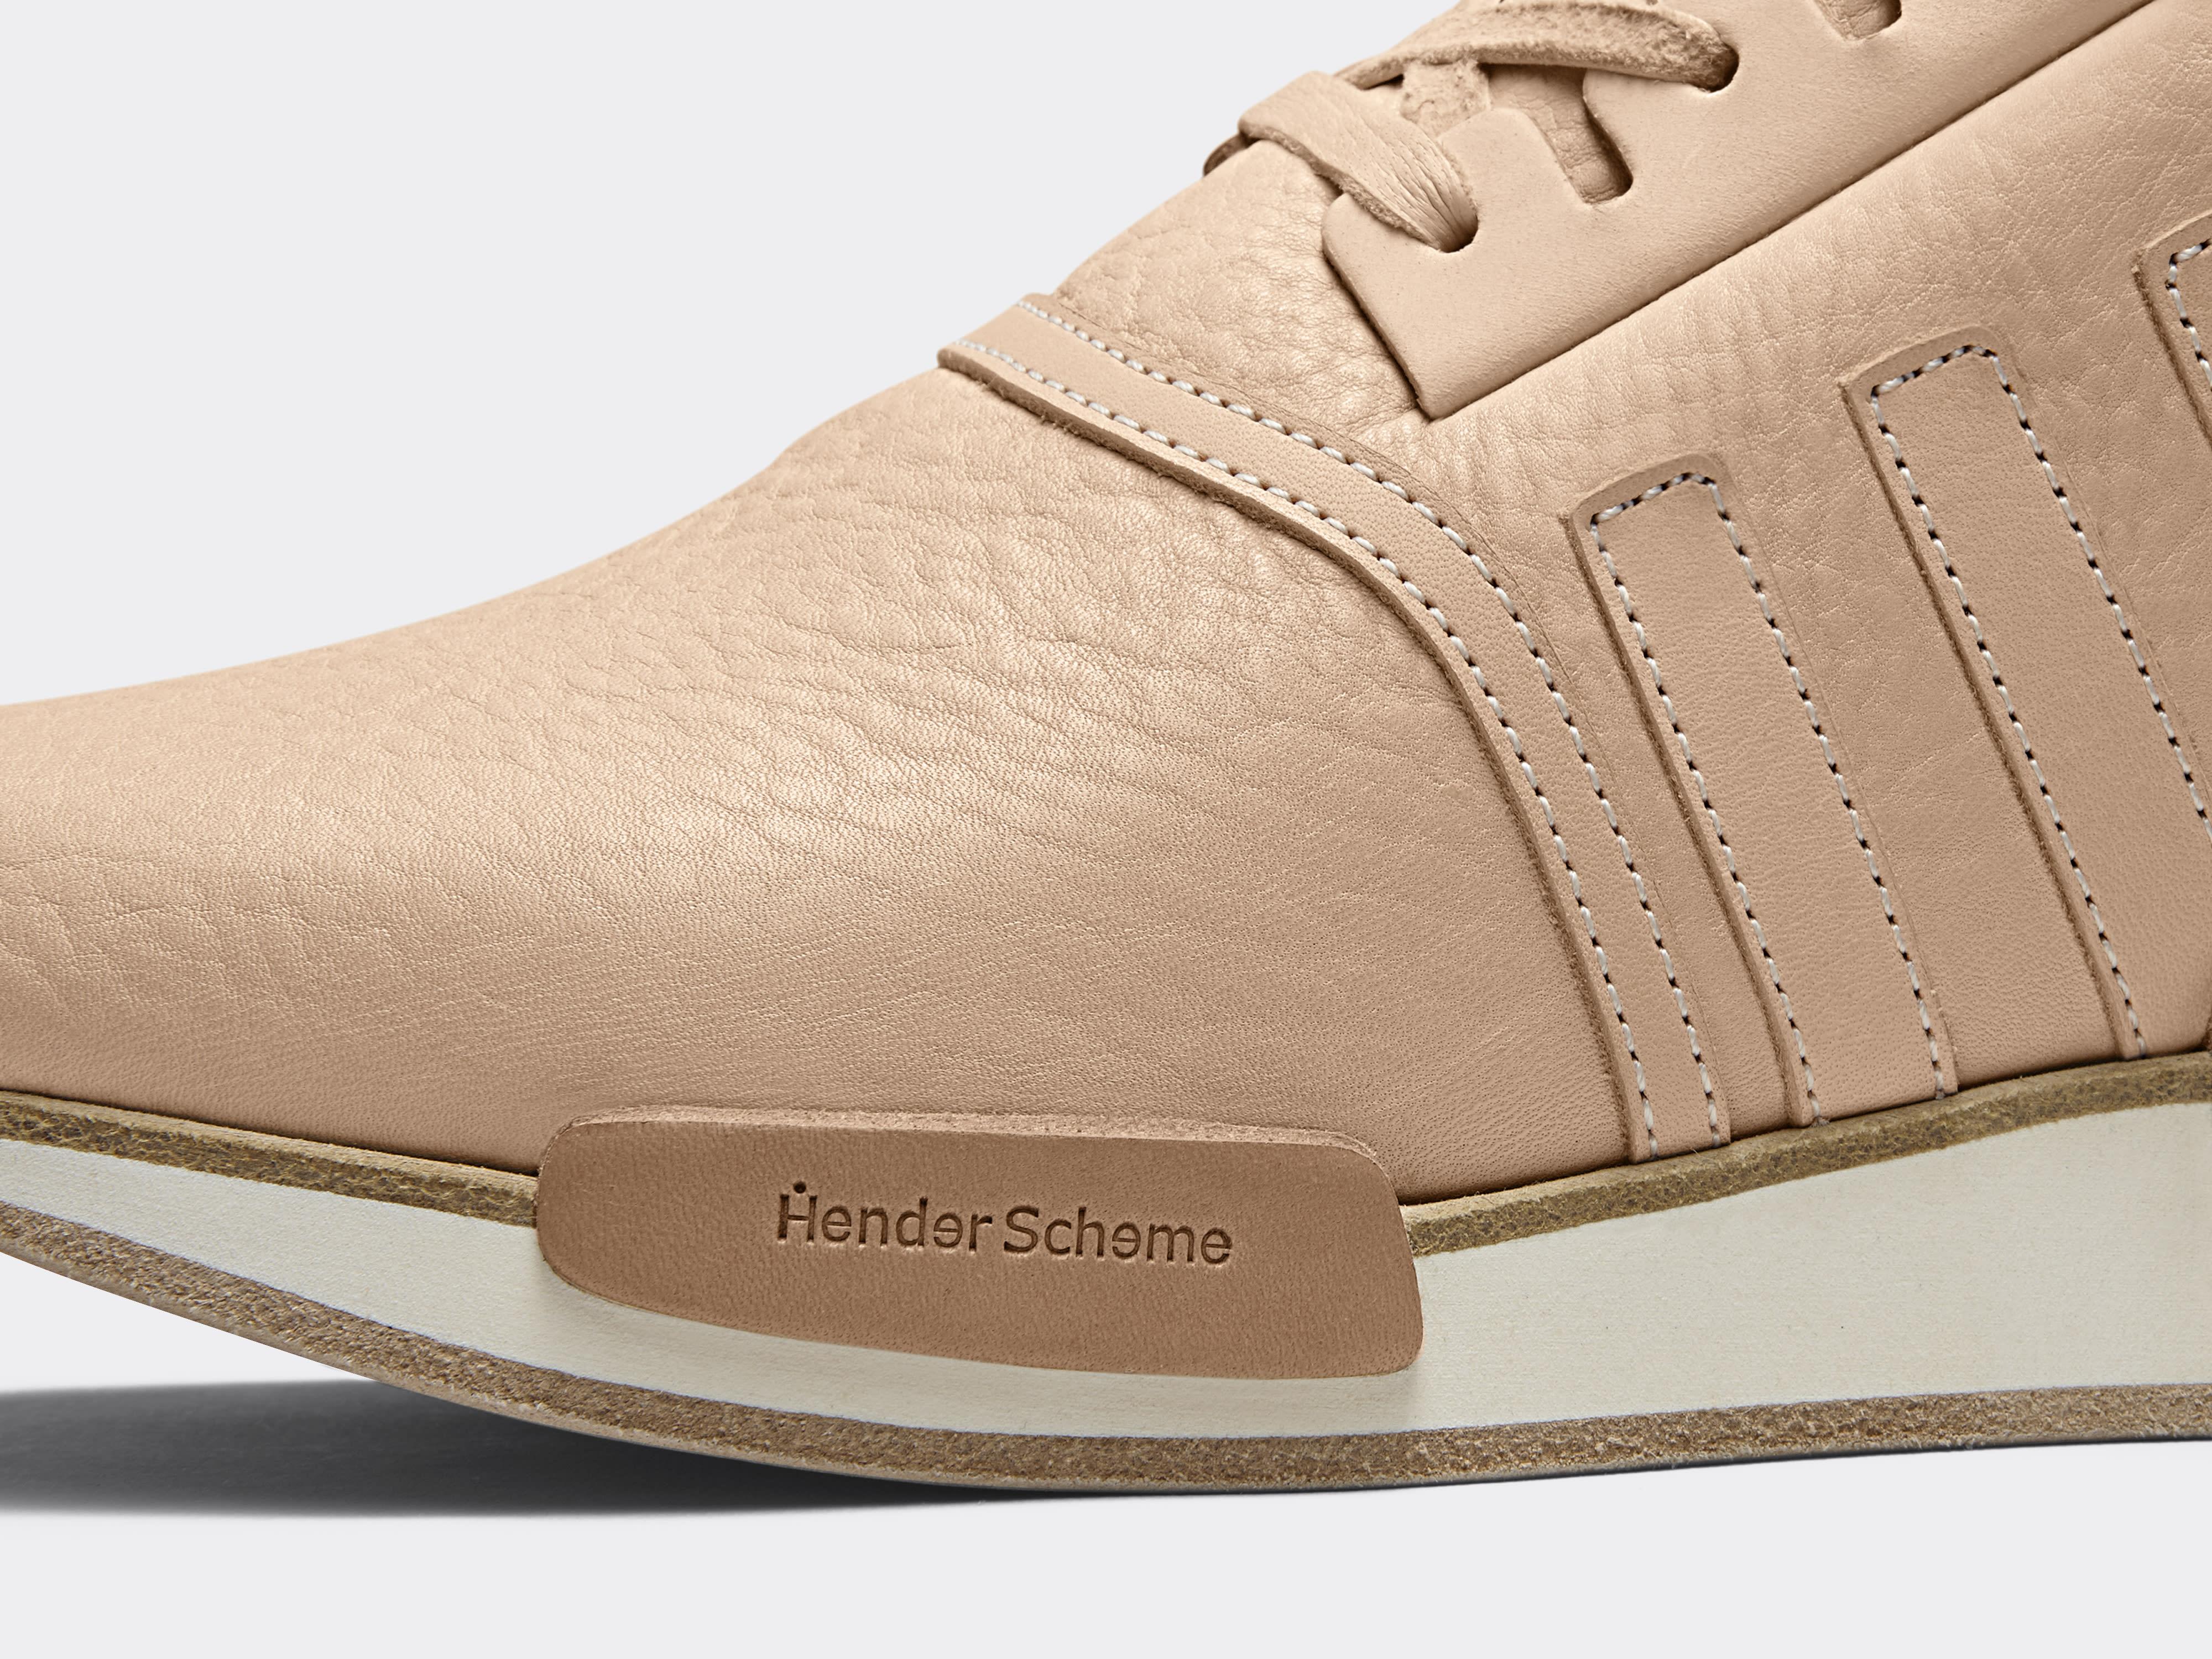 adidas-hender-scheme7